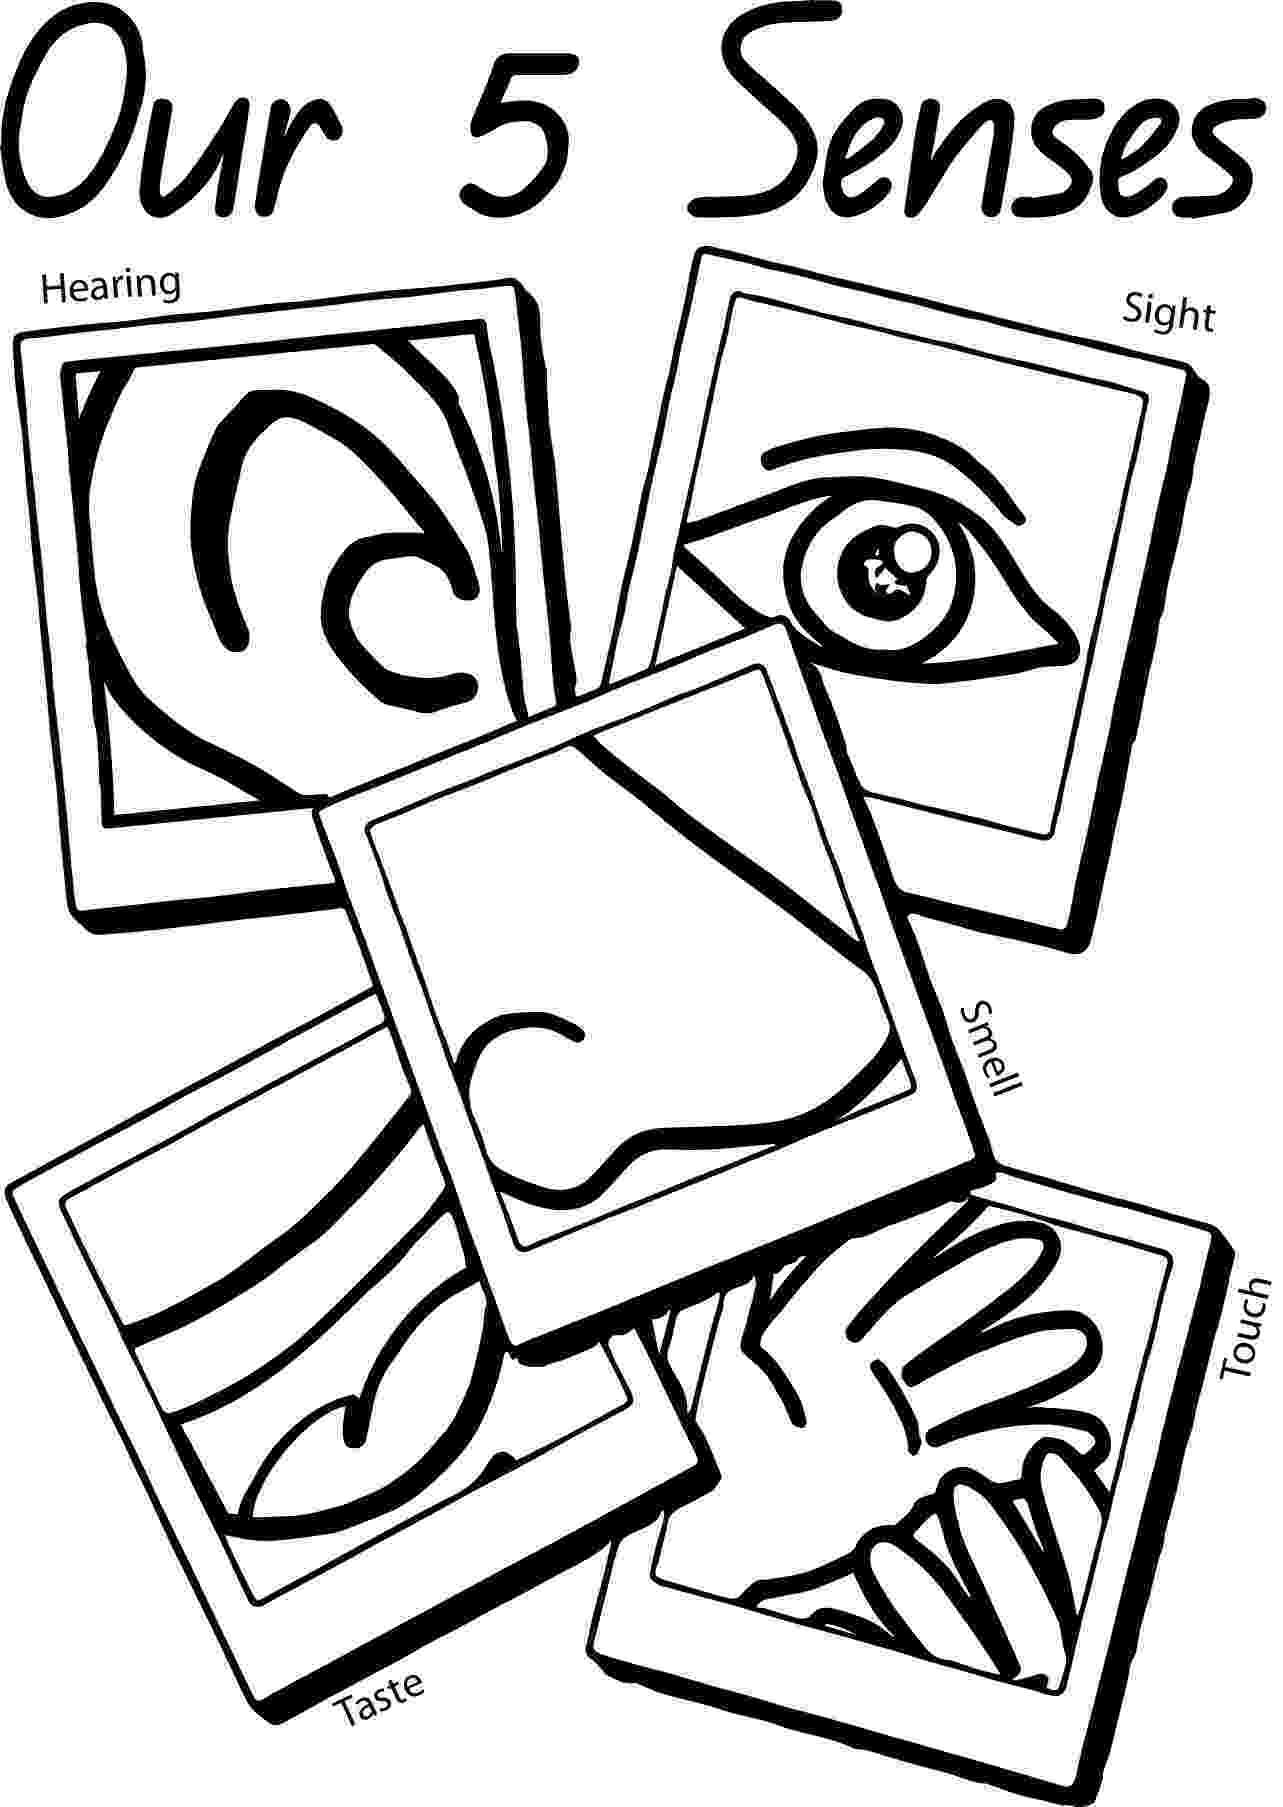 five senses coloring pages five senses coloring pages by kristen davis teachers pay five coloring senses pages